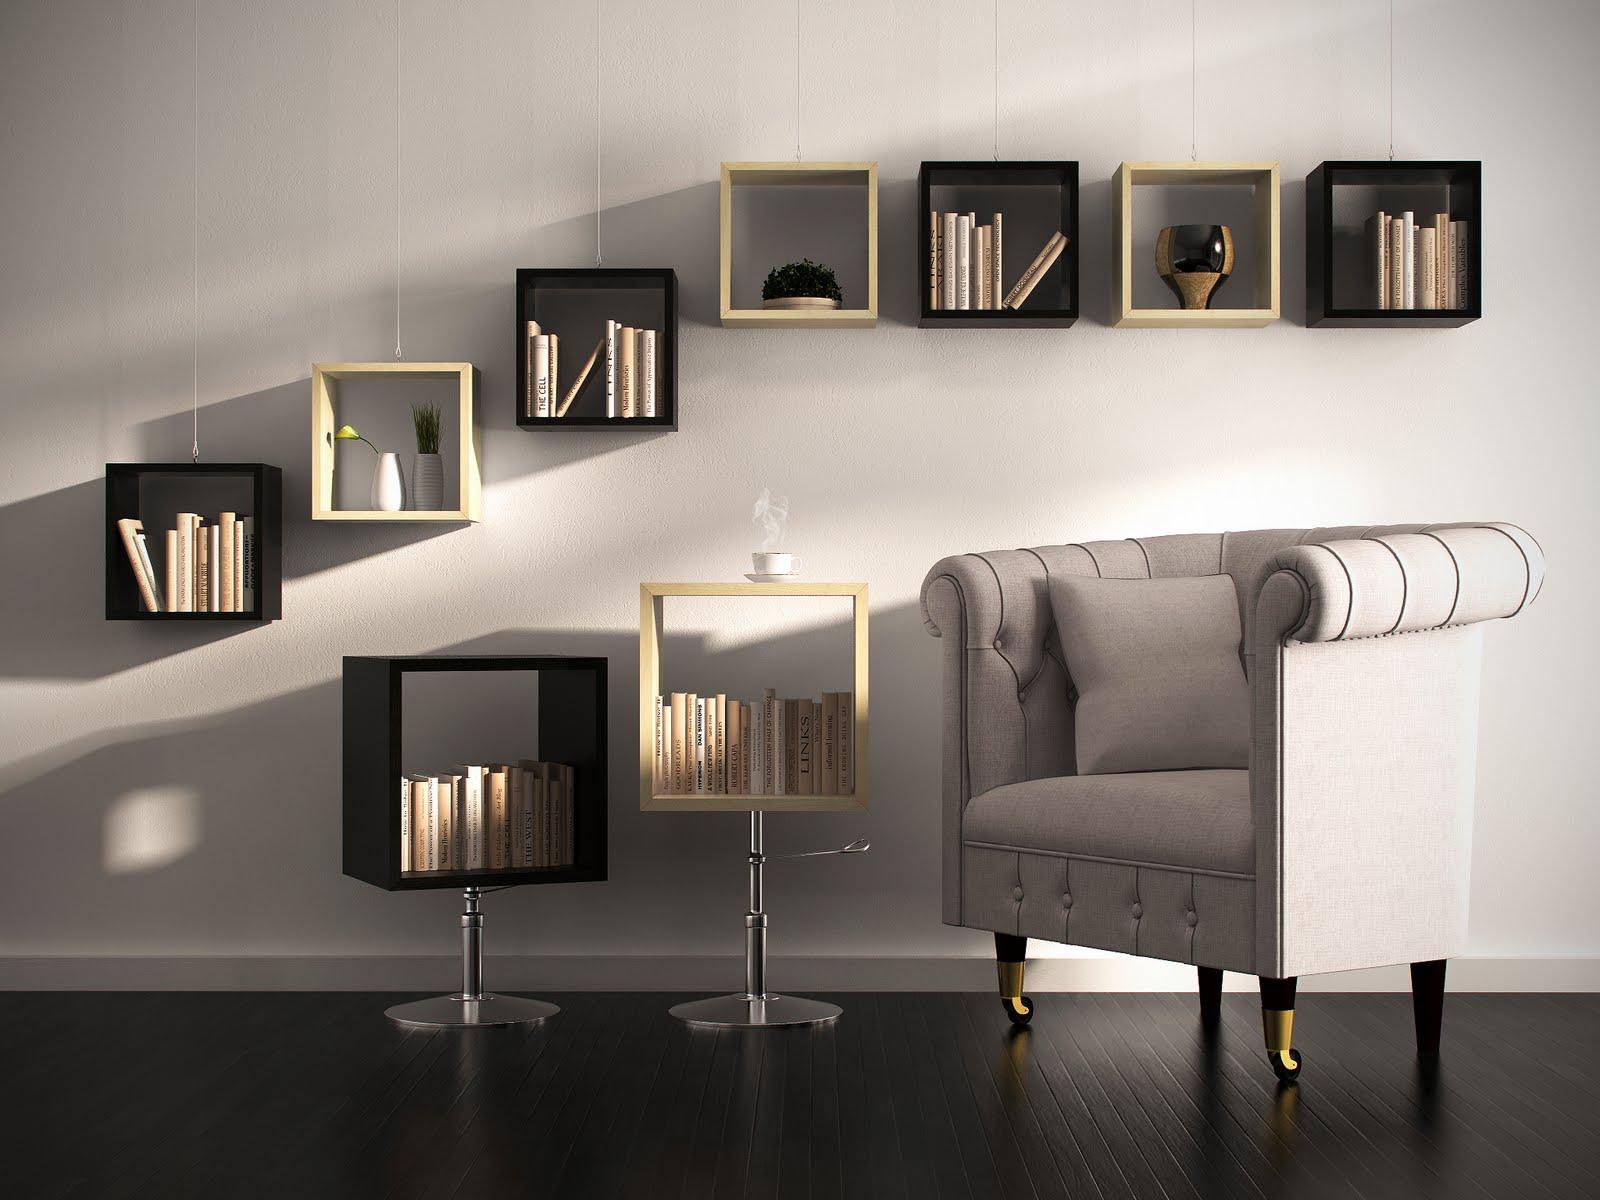 Стеллаж в комнате (108 фото): зонирование и украшение интерьера